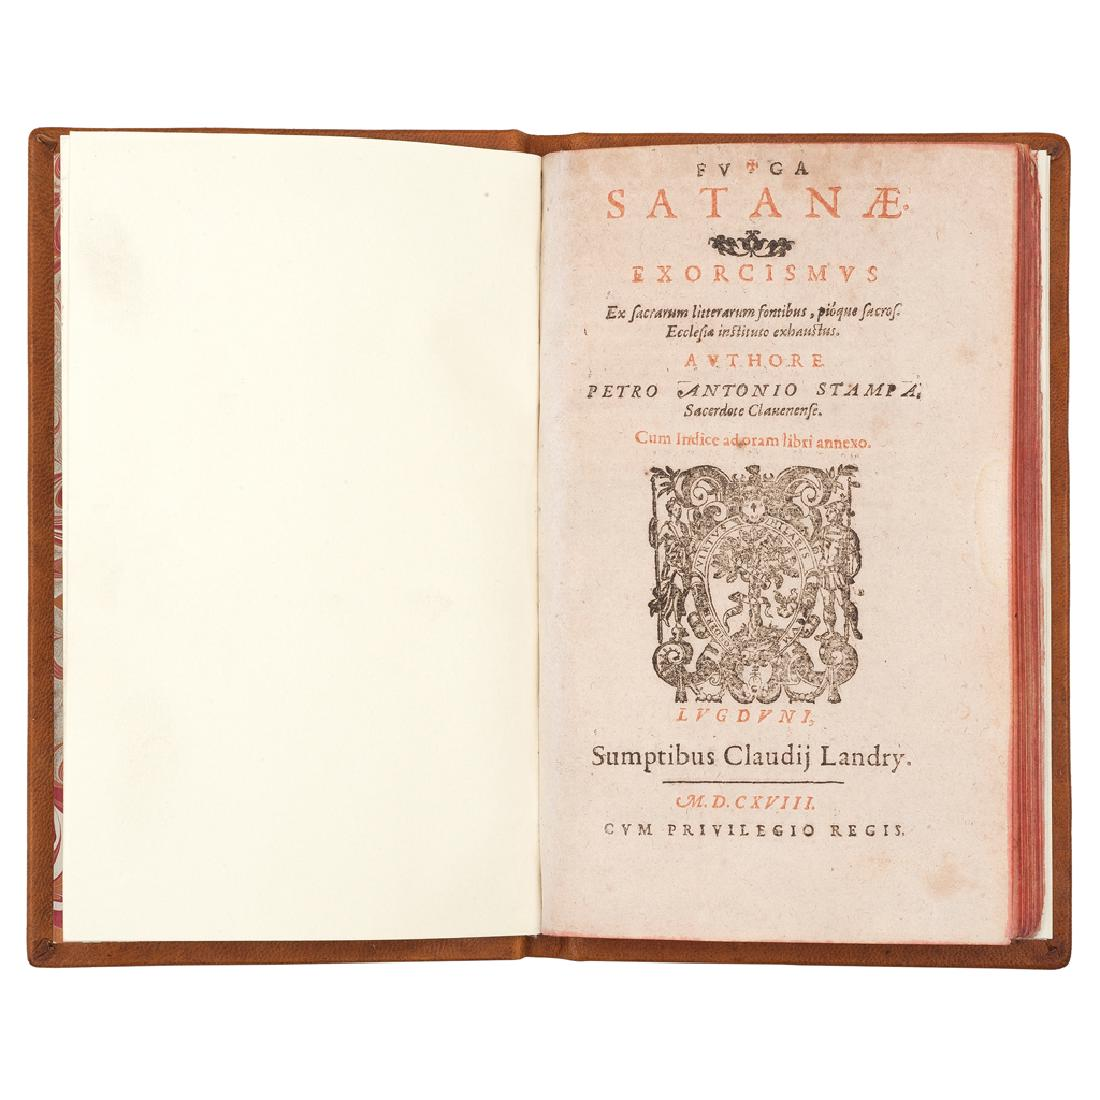 PEDRO ANTONIO STAMPA - Fuga Satanae Exorcismus: ex sacrarum litterarum fontibus... Lvgdvni: Sumptibus Claudii Landry, 1618